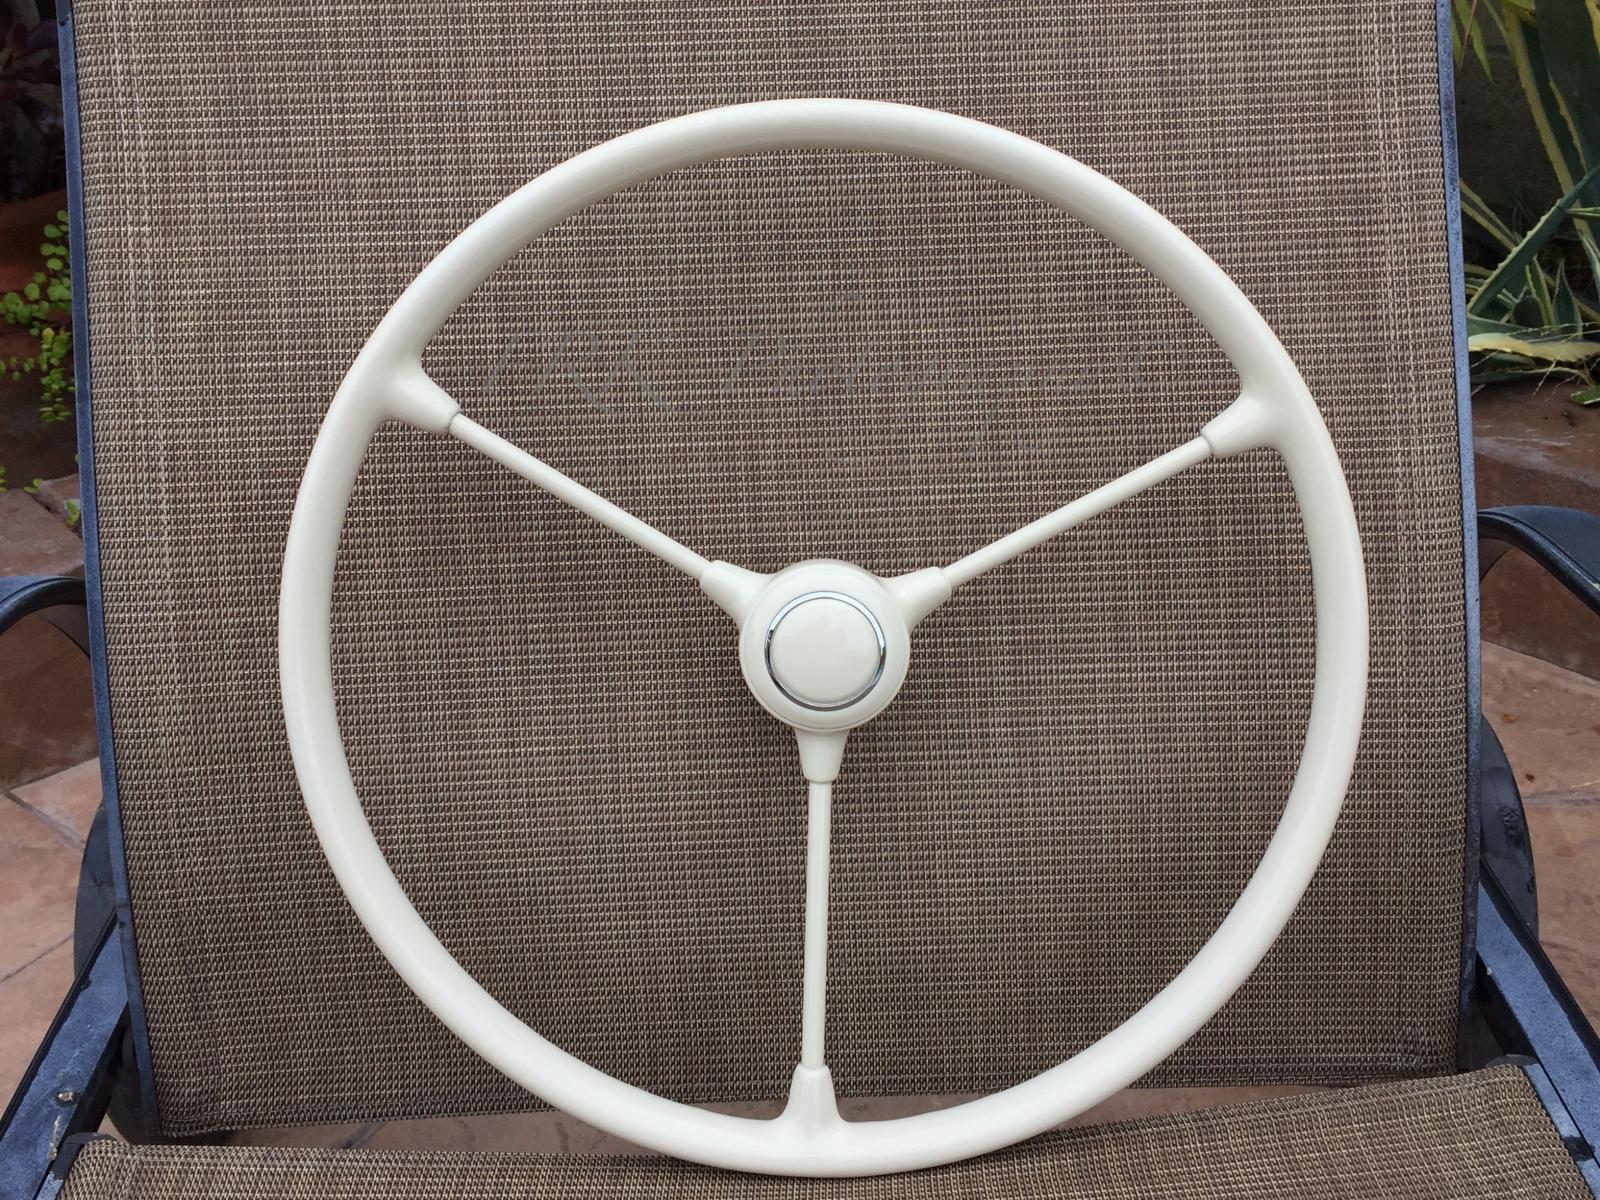 3 Spoke Standard Wheel